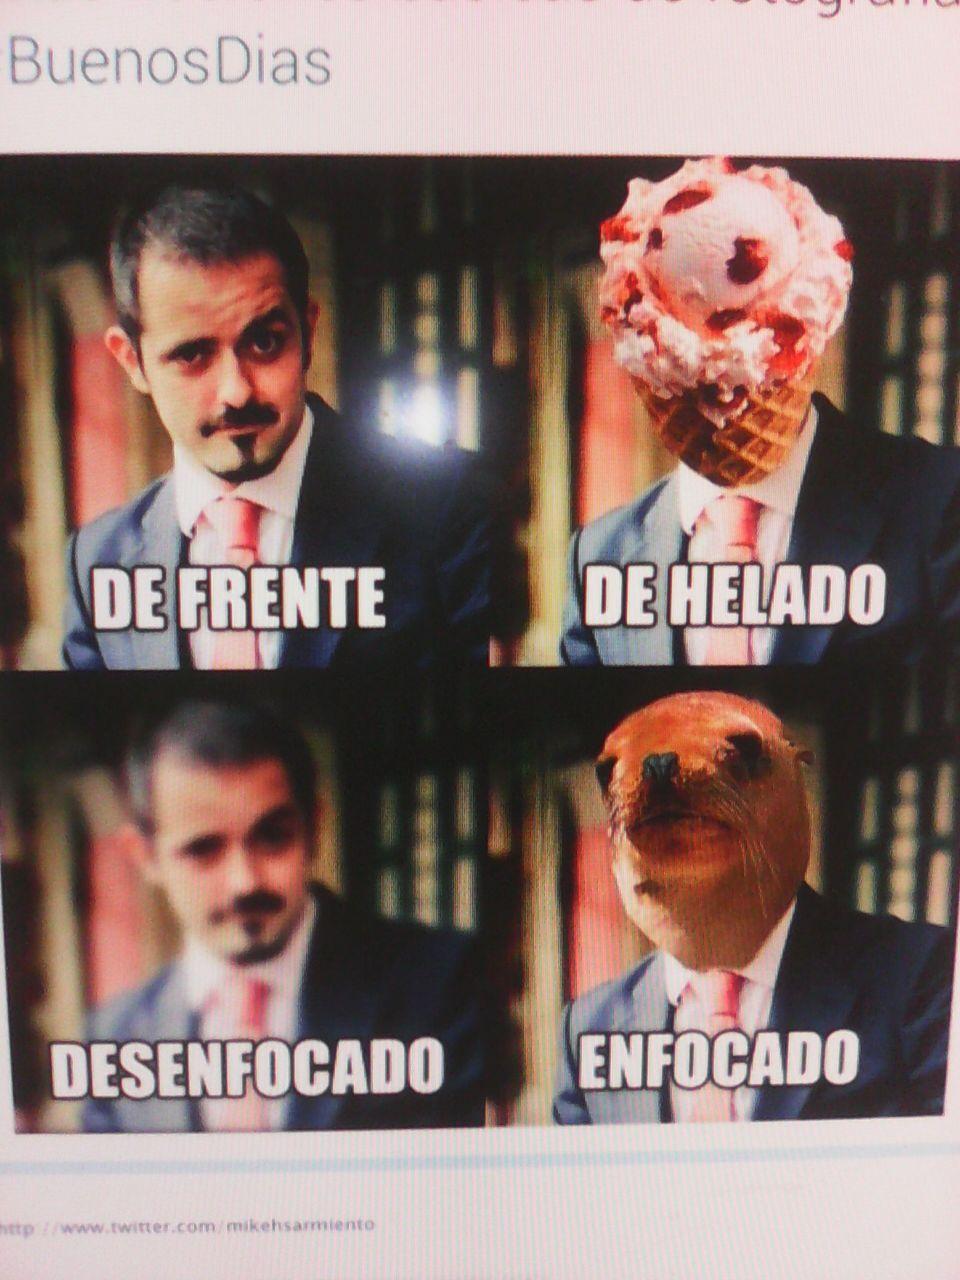 Buenos dias - meme